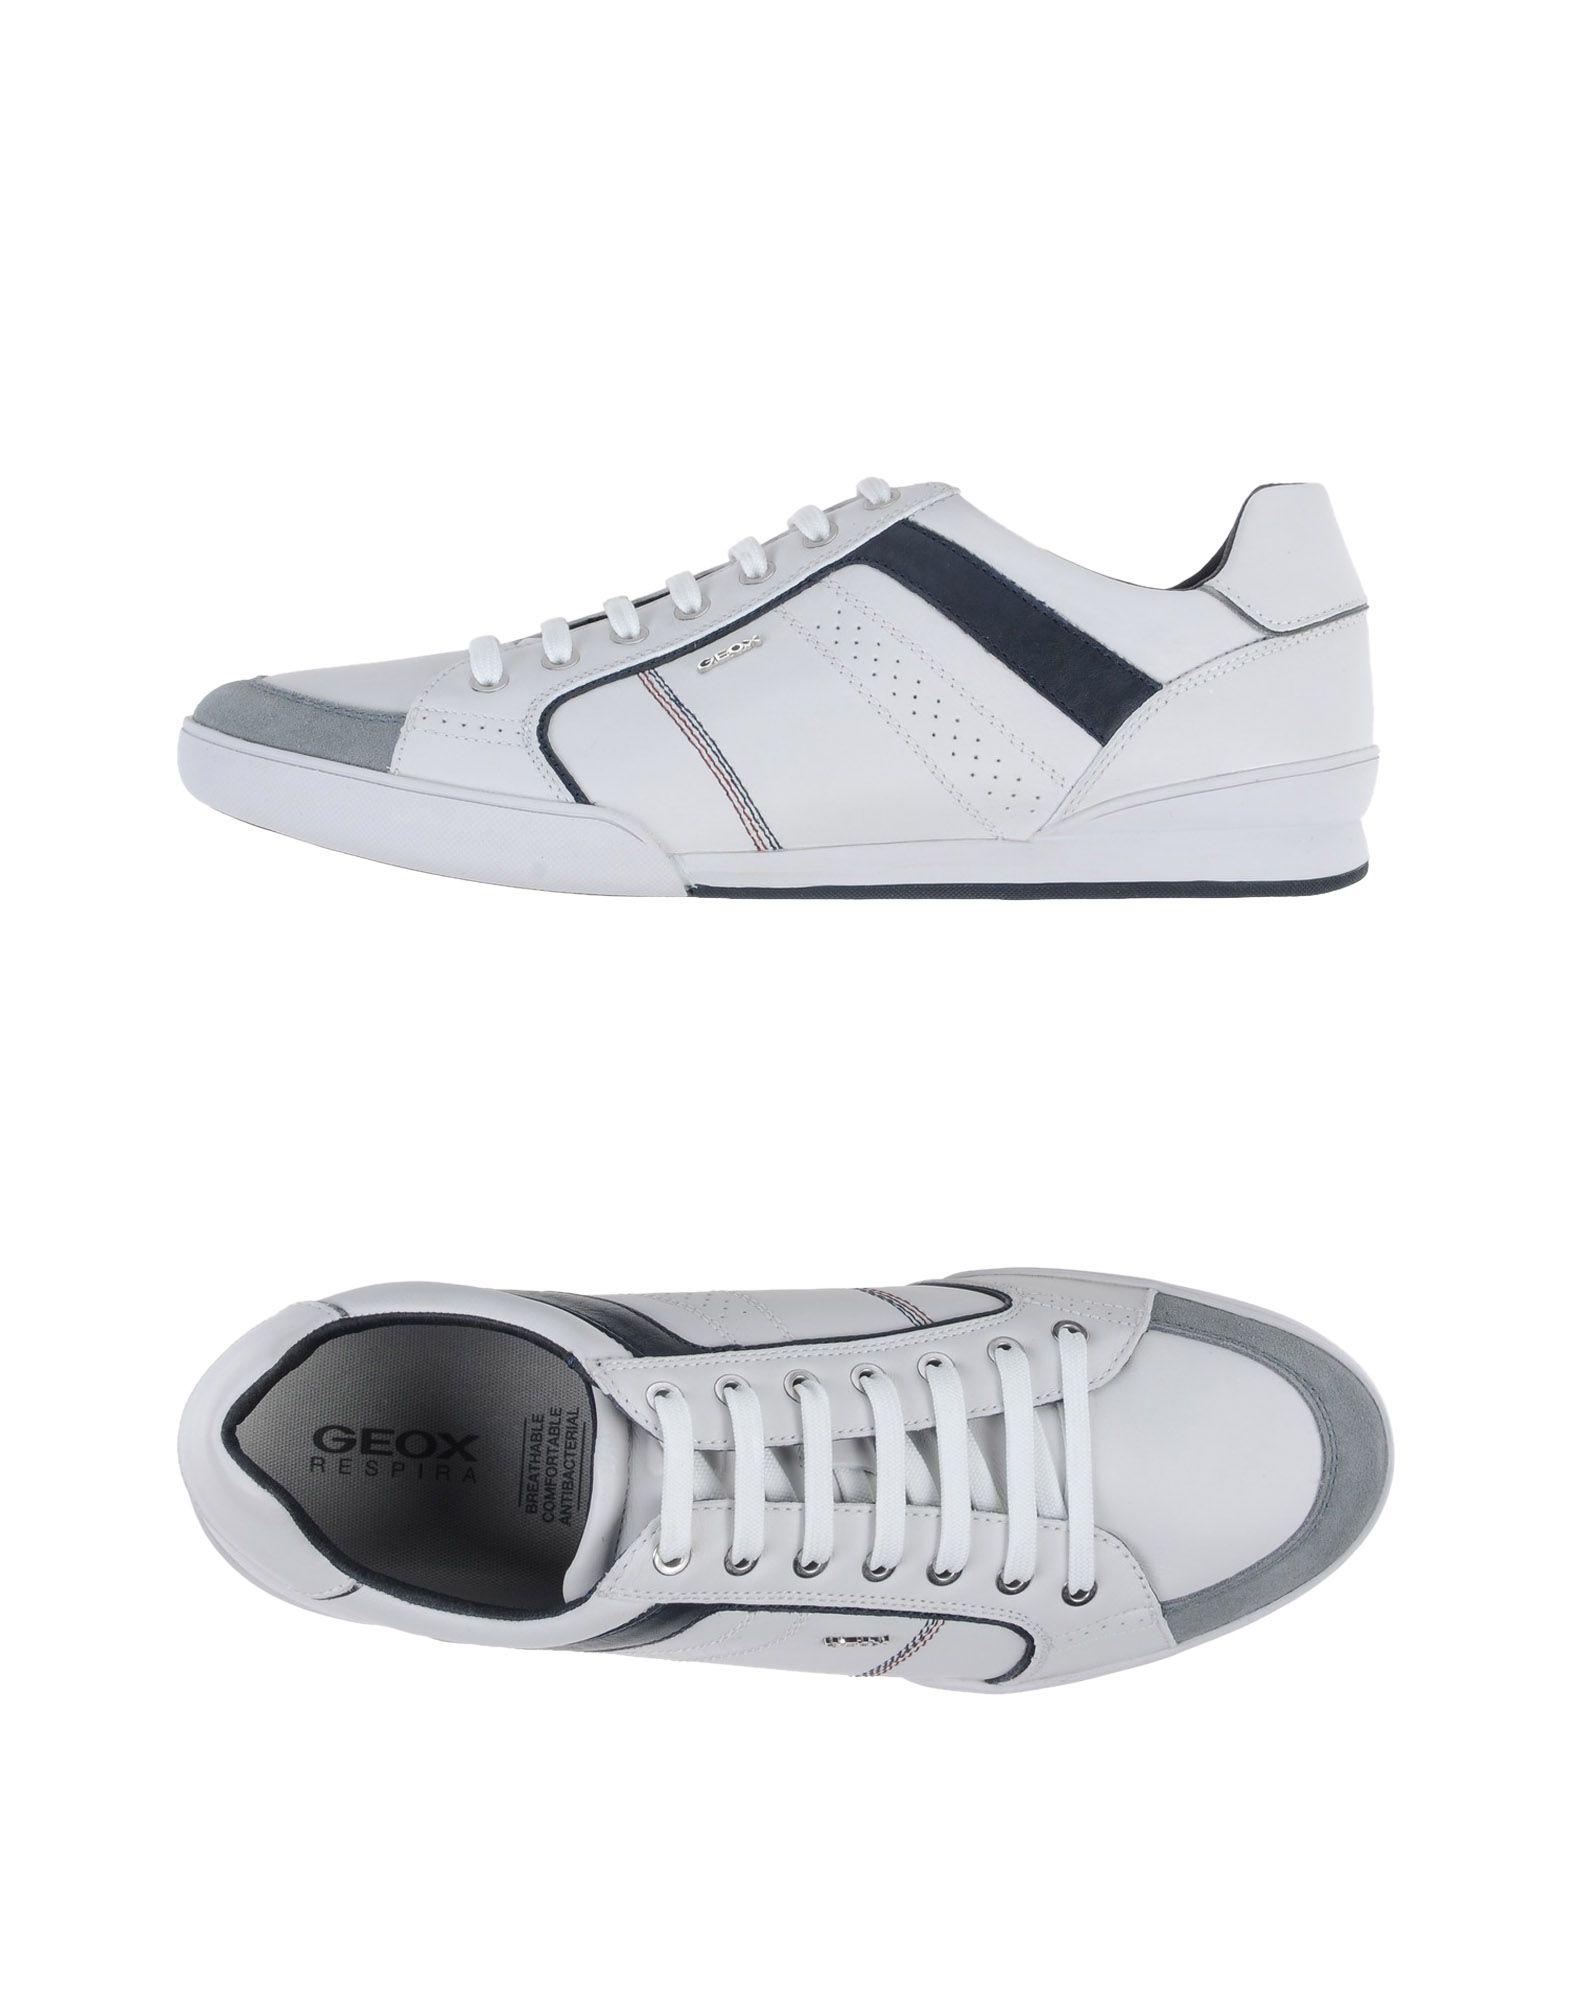 GEOX Herren Low Sneakers & Tennisschuhe Farbe Weiß Größe 9